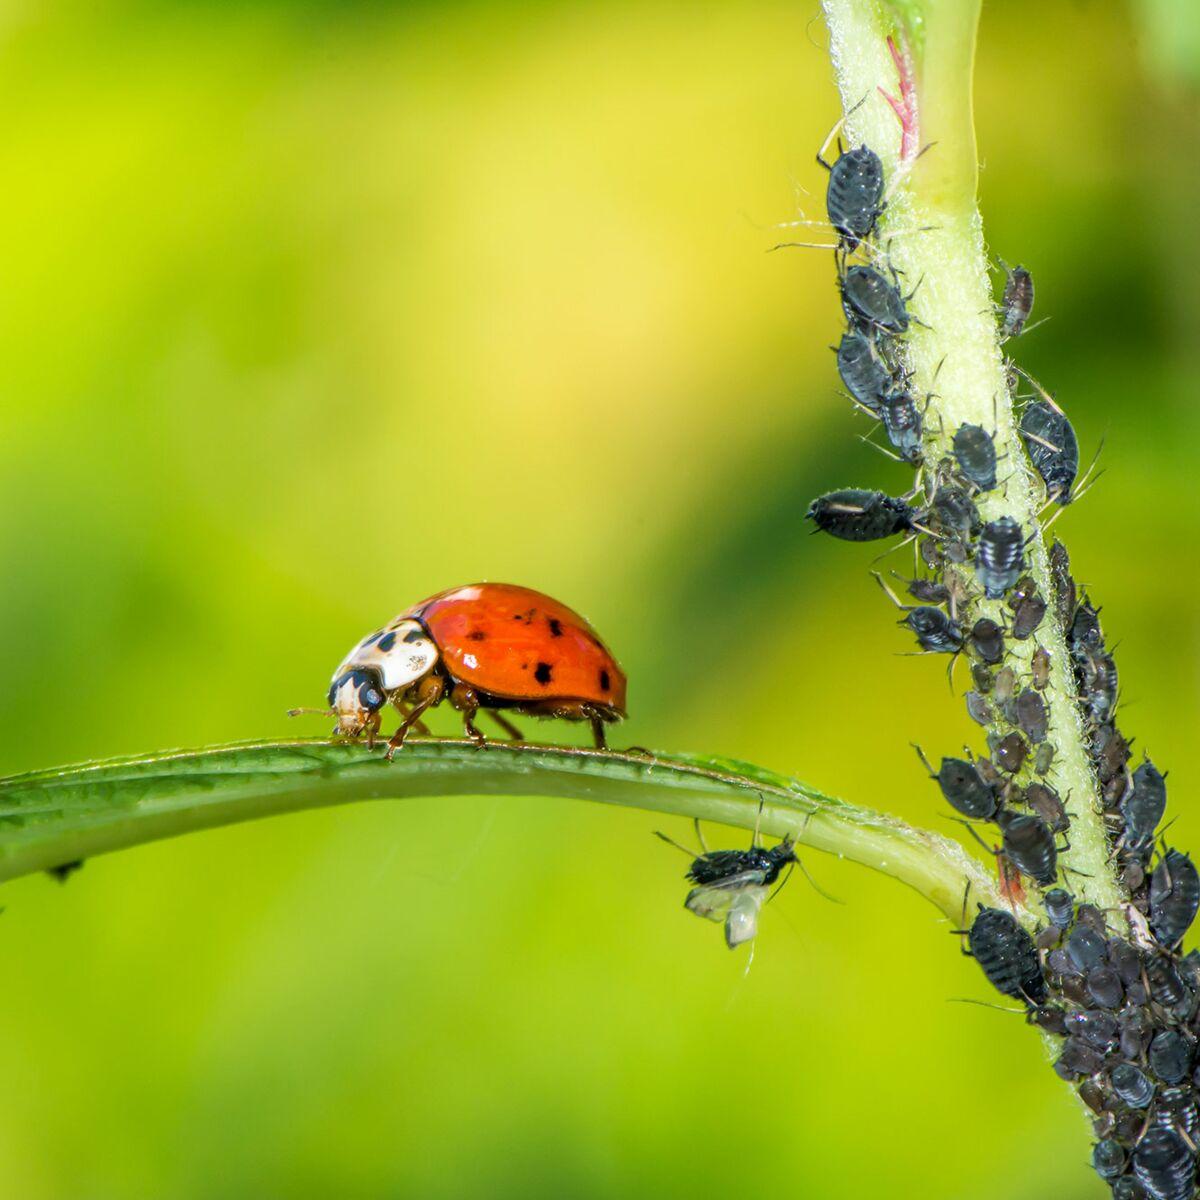 Astuces Naturelles Pour Se Débarrasser Des Fourmis nos astuces naturelles pour se débarrasser des pucerons